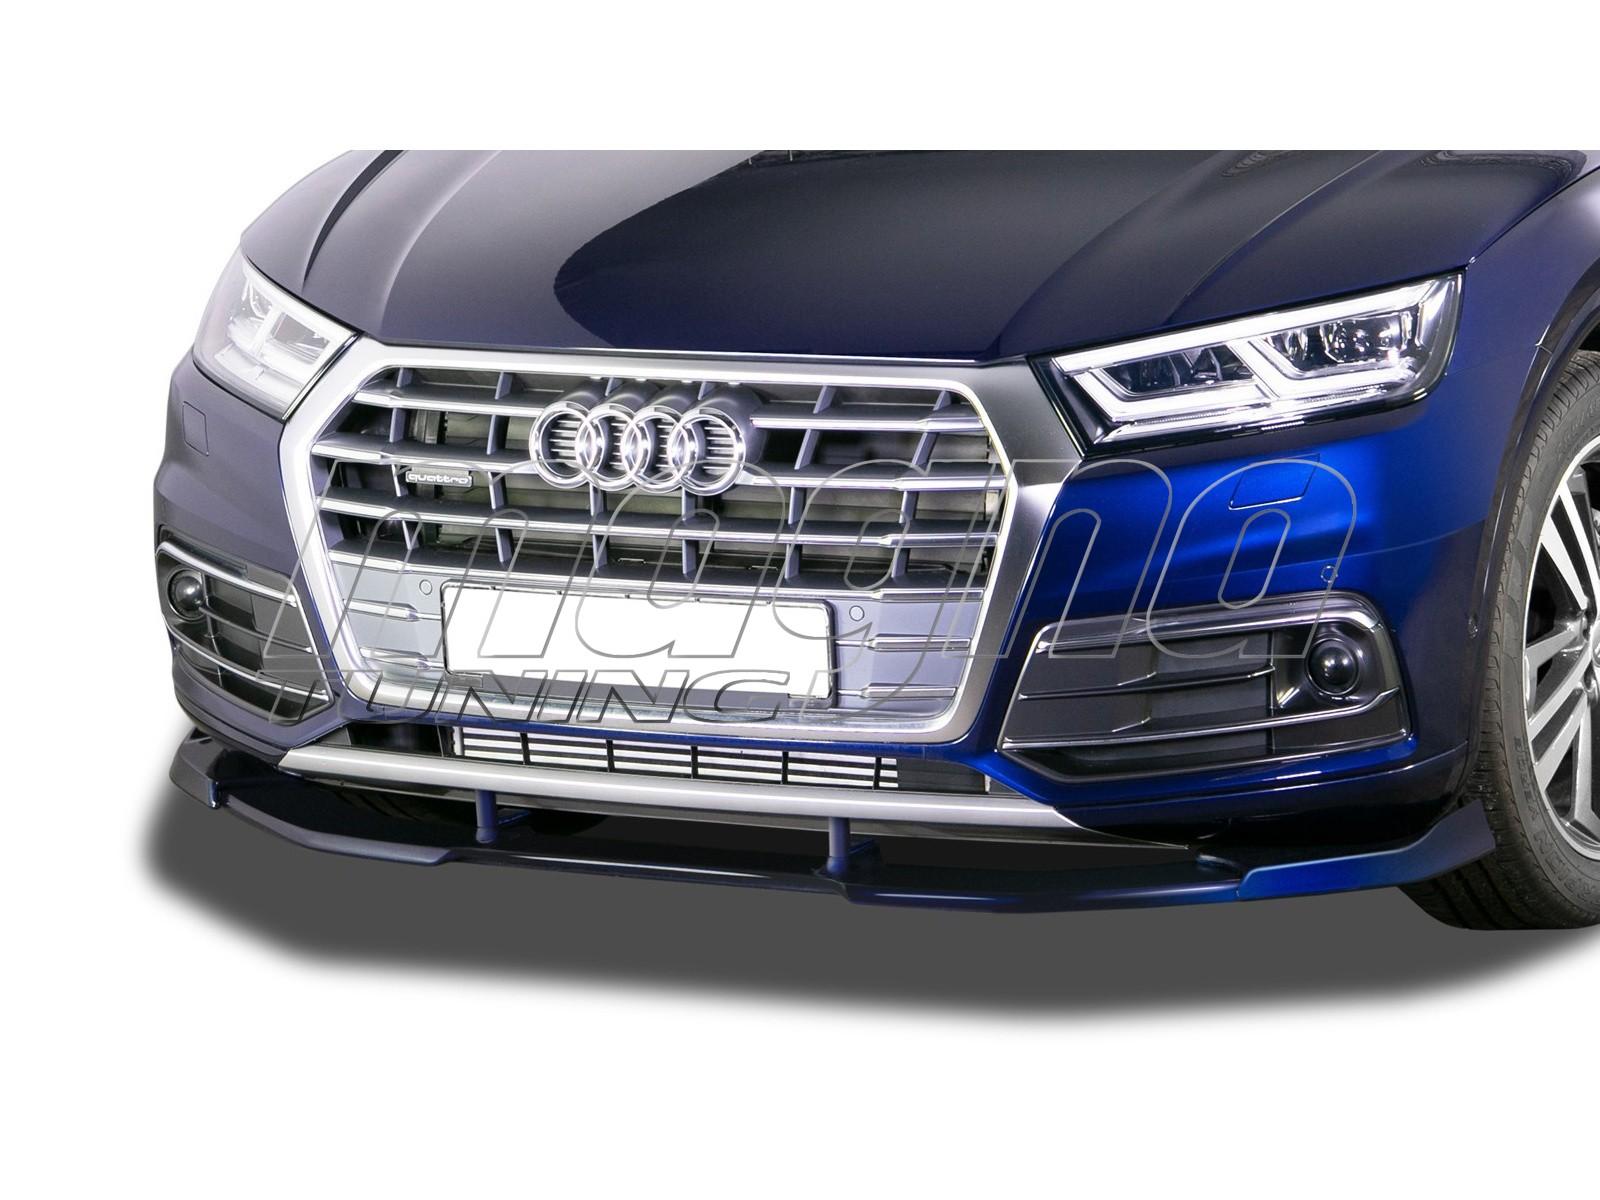 Audi Q5 FY Verus-X Frontansatz